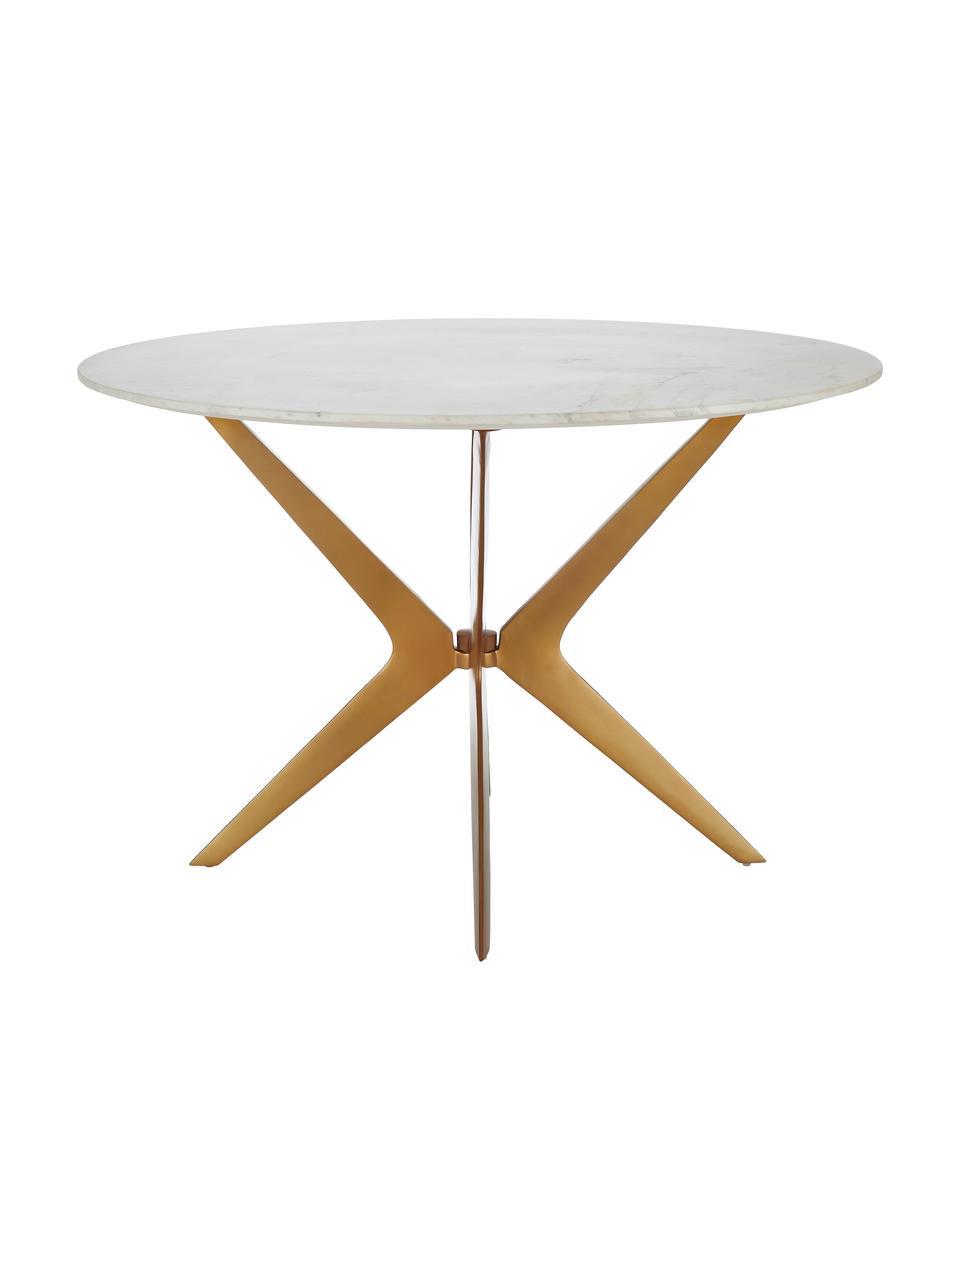 Runder Marmor-Esstisch Safia, Tischplatte: Marmor, Beine: Metall, pulverbeschichtet, Tischplatte: Weiß-grauer MarmorGestell: Goldfarben, matt, Ø 120 x H 76 cm